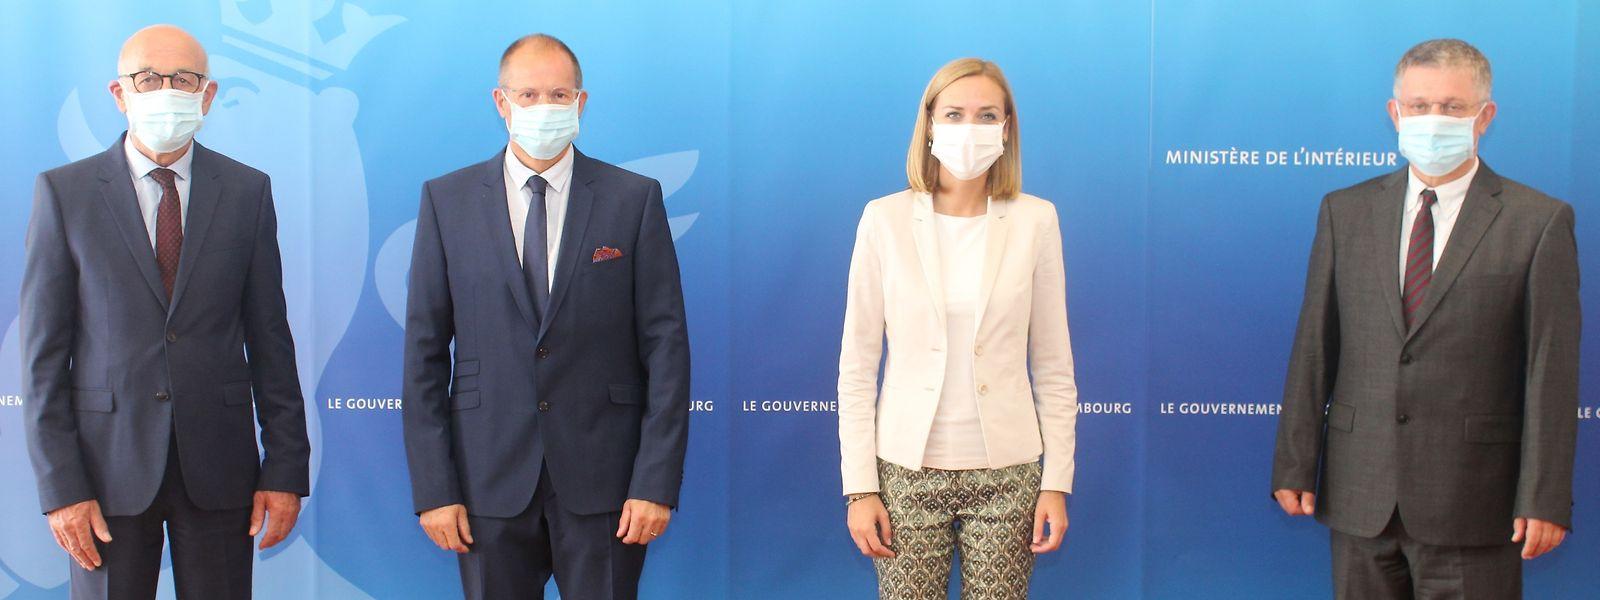 Von links nach rechts: Die Schöffen Martin Bohler und Jean-Claude Ruppert, Innenministerin Taina Bofferding und Bürgermeister Thomas Wolter.